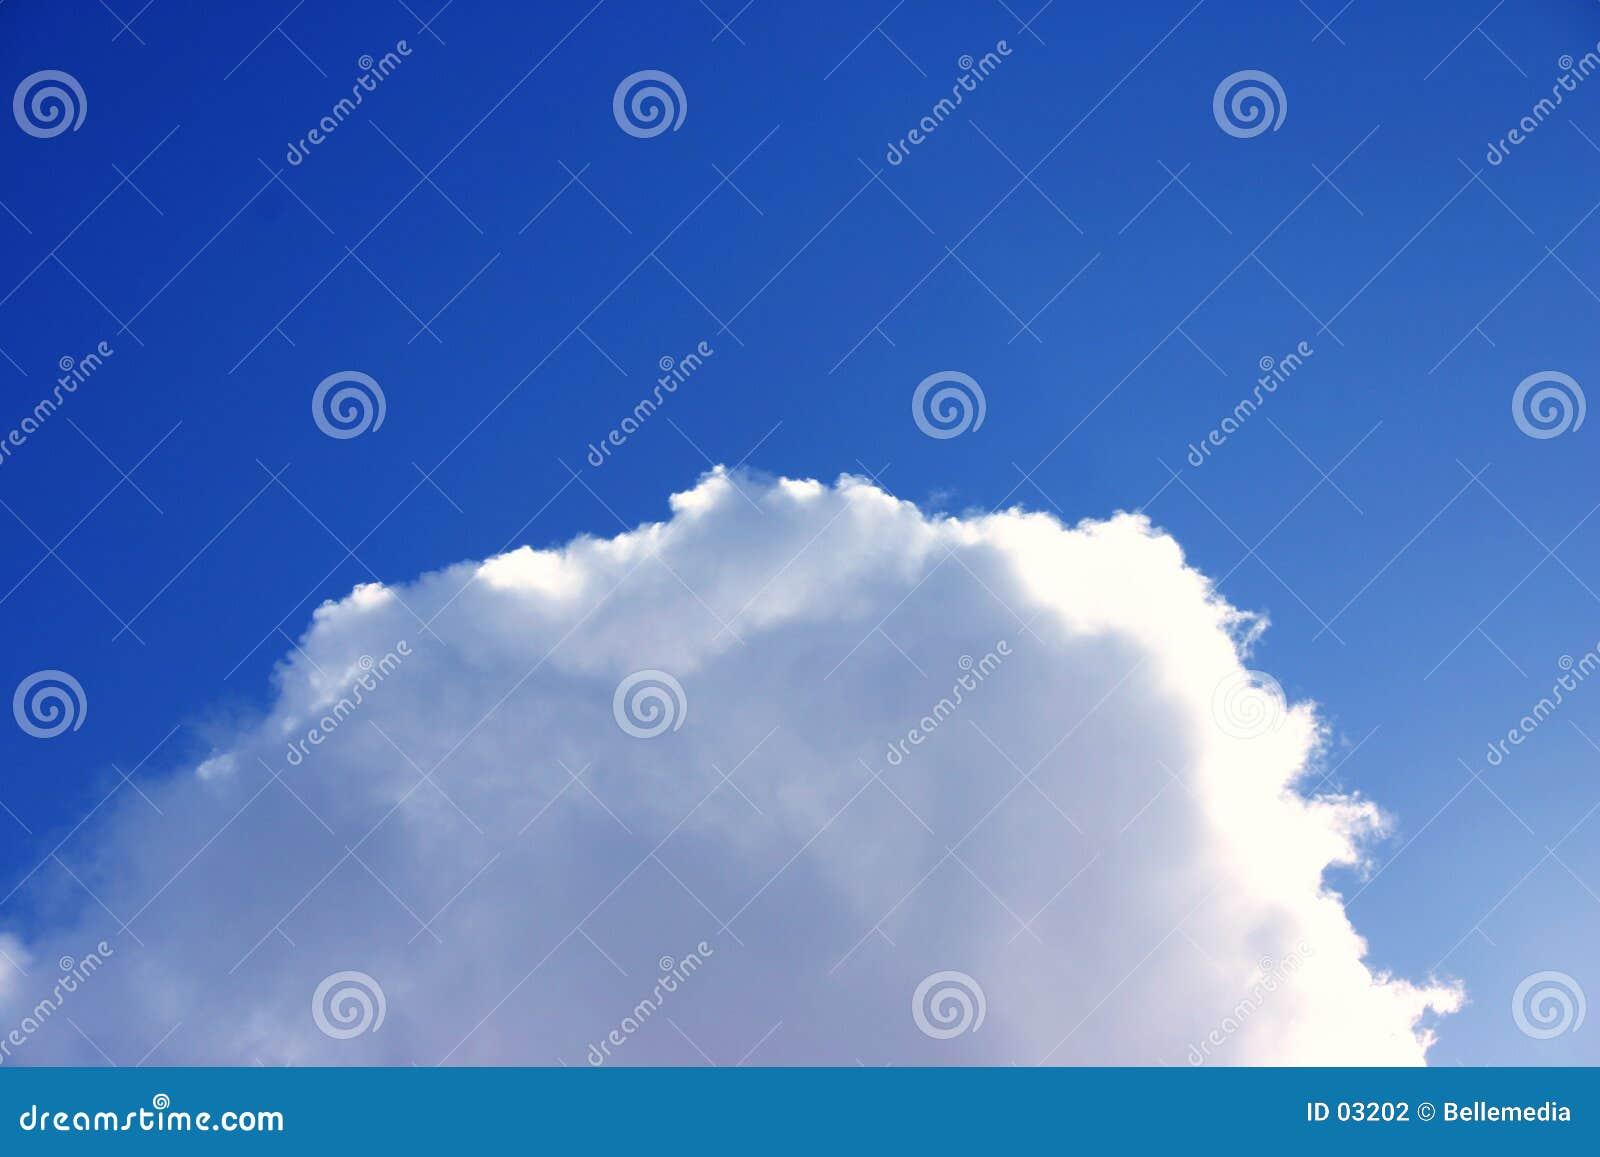 Koning van de wolken